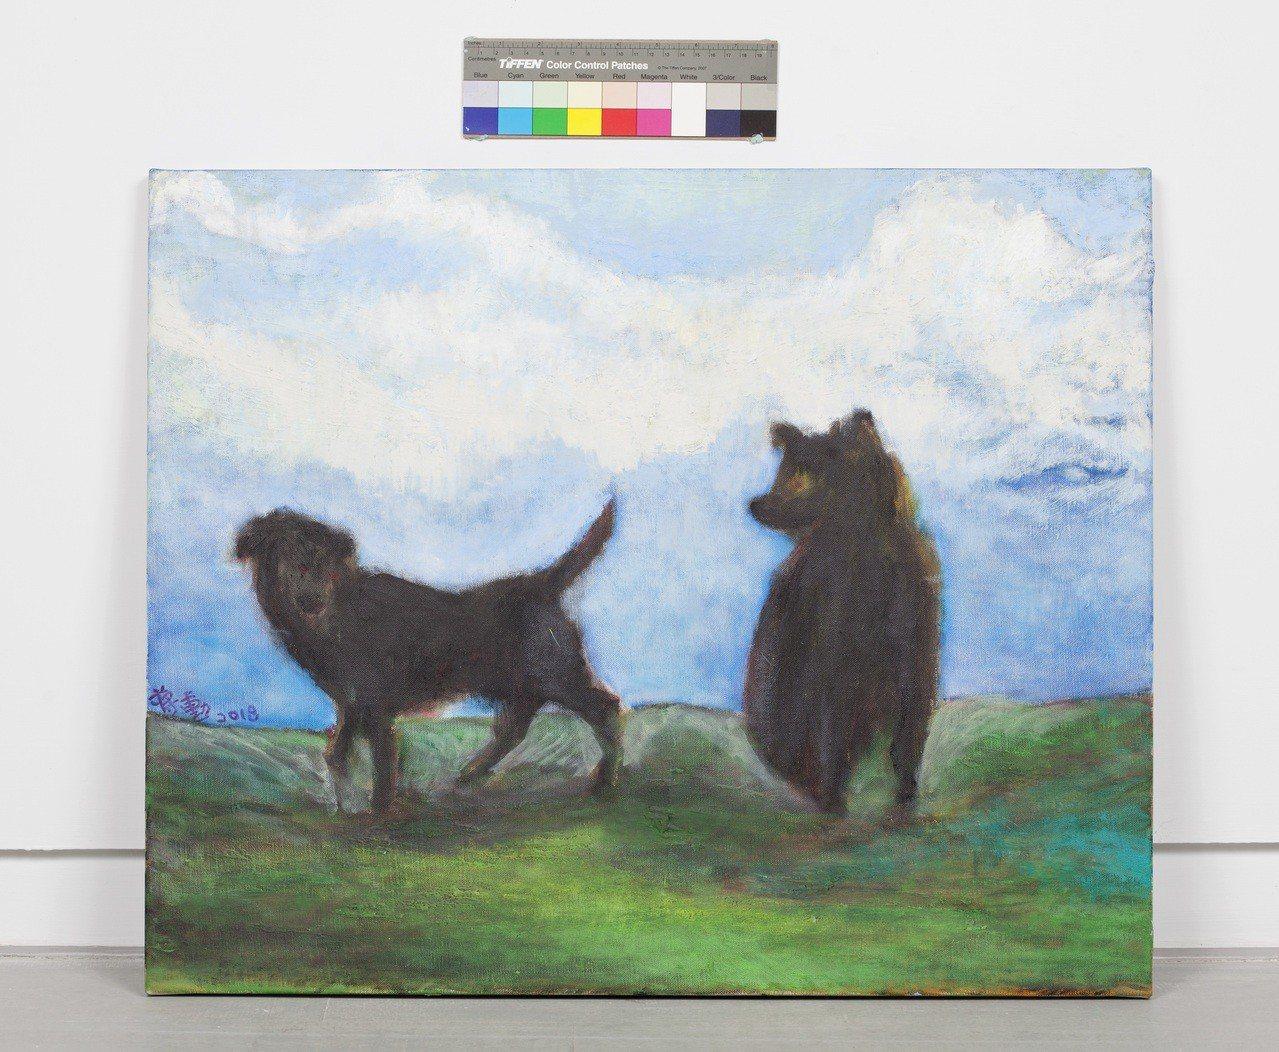 蔣勳以他少有的動物畫「流浪狗」來紀念與「小黑」的緣分。圖/谷公館提供